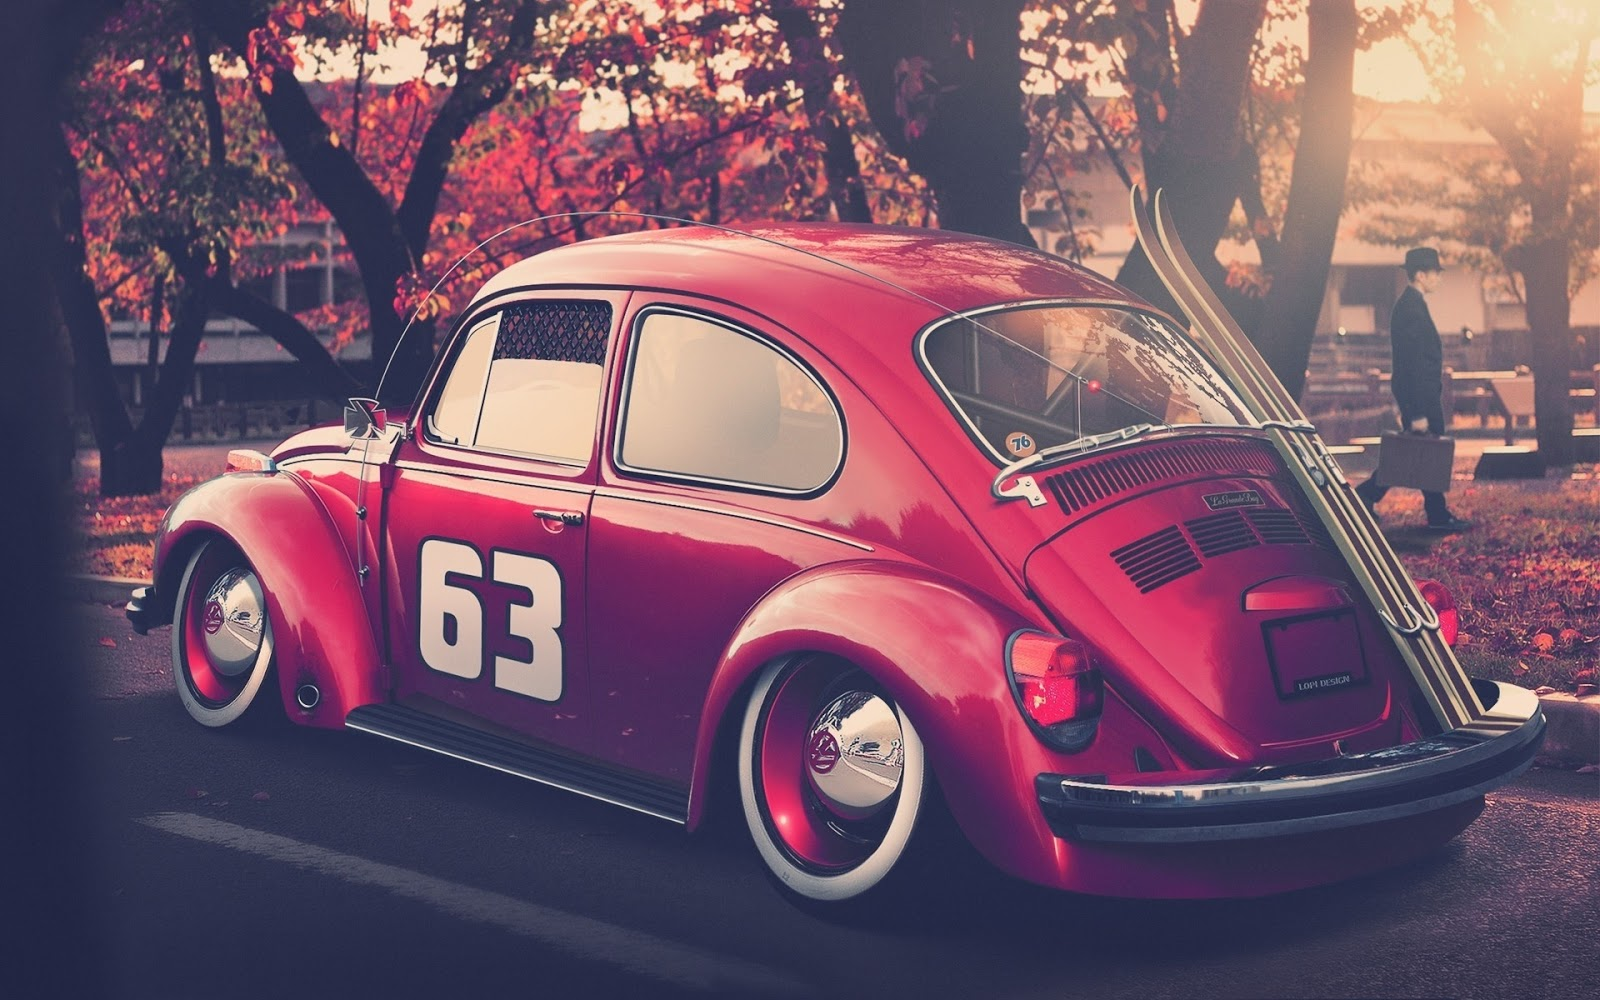 http://3.bp.blogspot.com/-rz9g41iEHRg/UPlZivnWu4I/AAAAAAAA0HE/B4UCfntRp6E/s1600/Volkswagen-Beetle-Wallpapers_Fondos-de-Carros-Volkswagen-Escarabajo.jpg